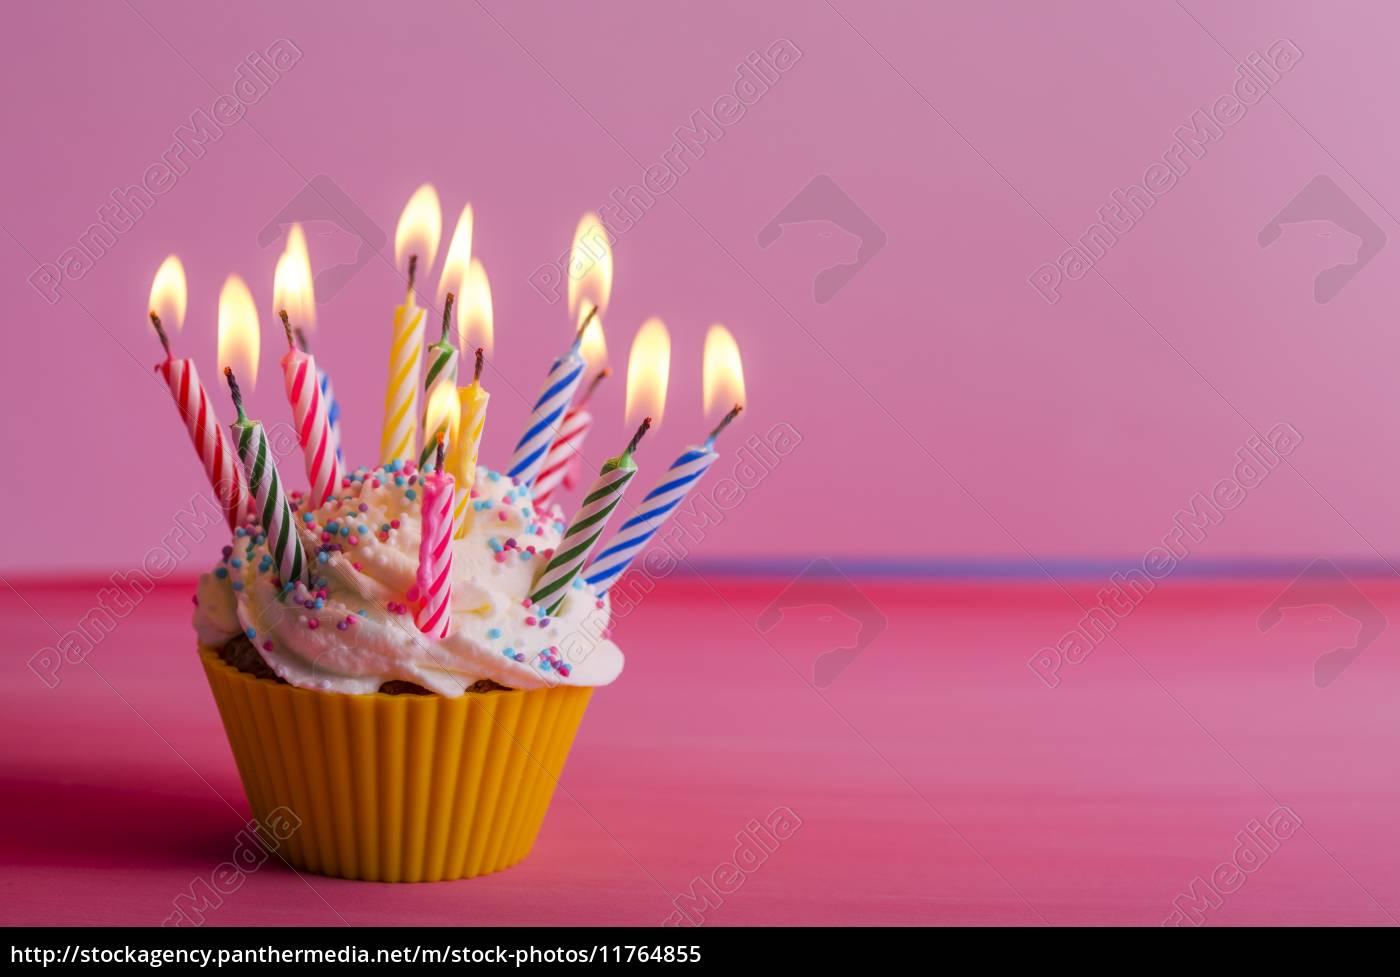 Cupcake Geburtstag Muffin Lizenzfreies Bild 11764855